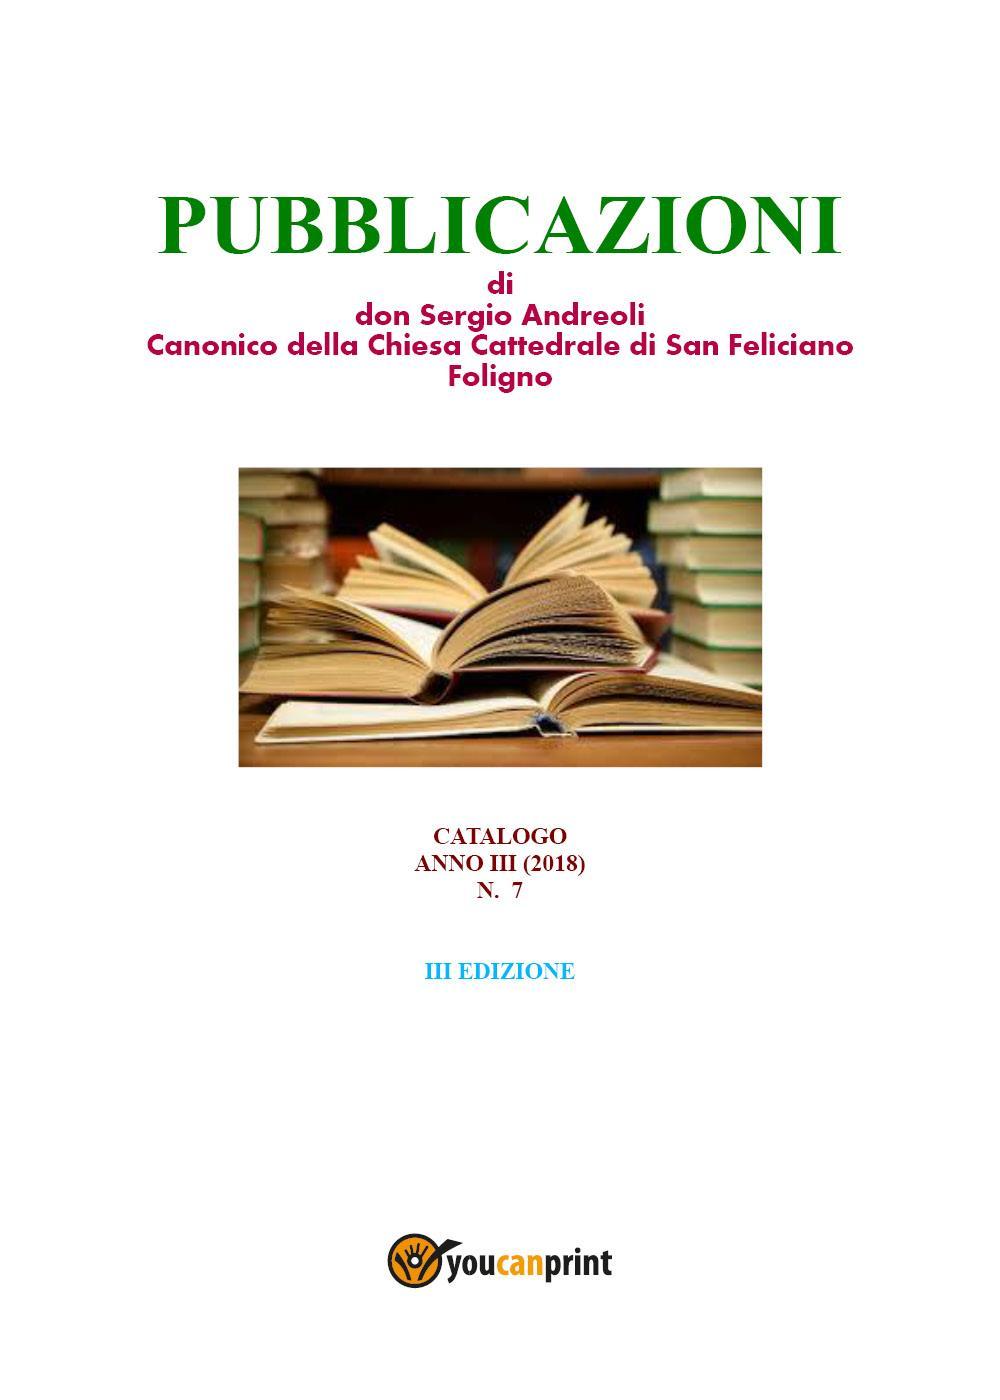 PUBBLICAZIONI di don Sergio Andreoli Canonico della Chiesa Cattedrale di San Feliciano Foligno